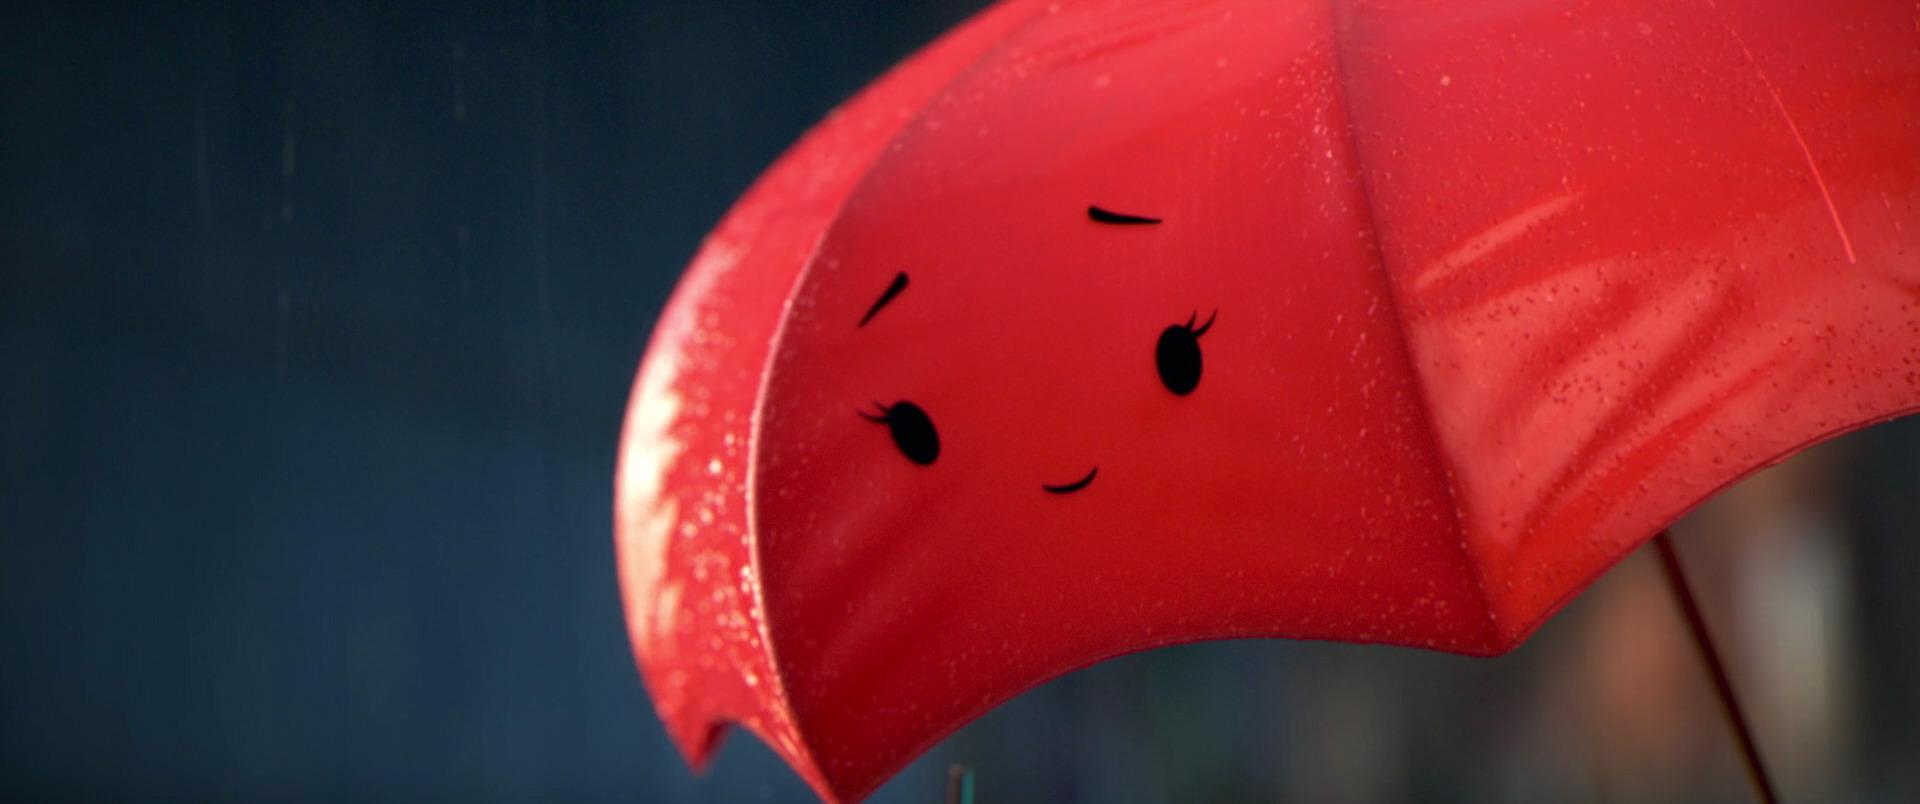 red-personnage-le-parapluie-bleu-03